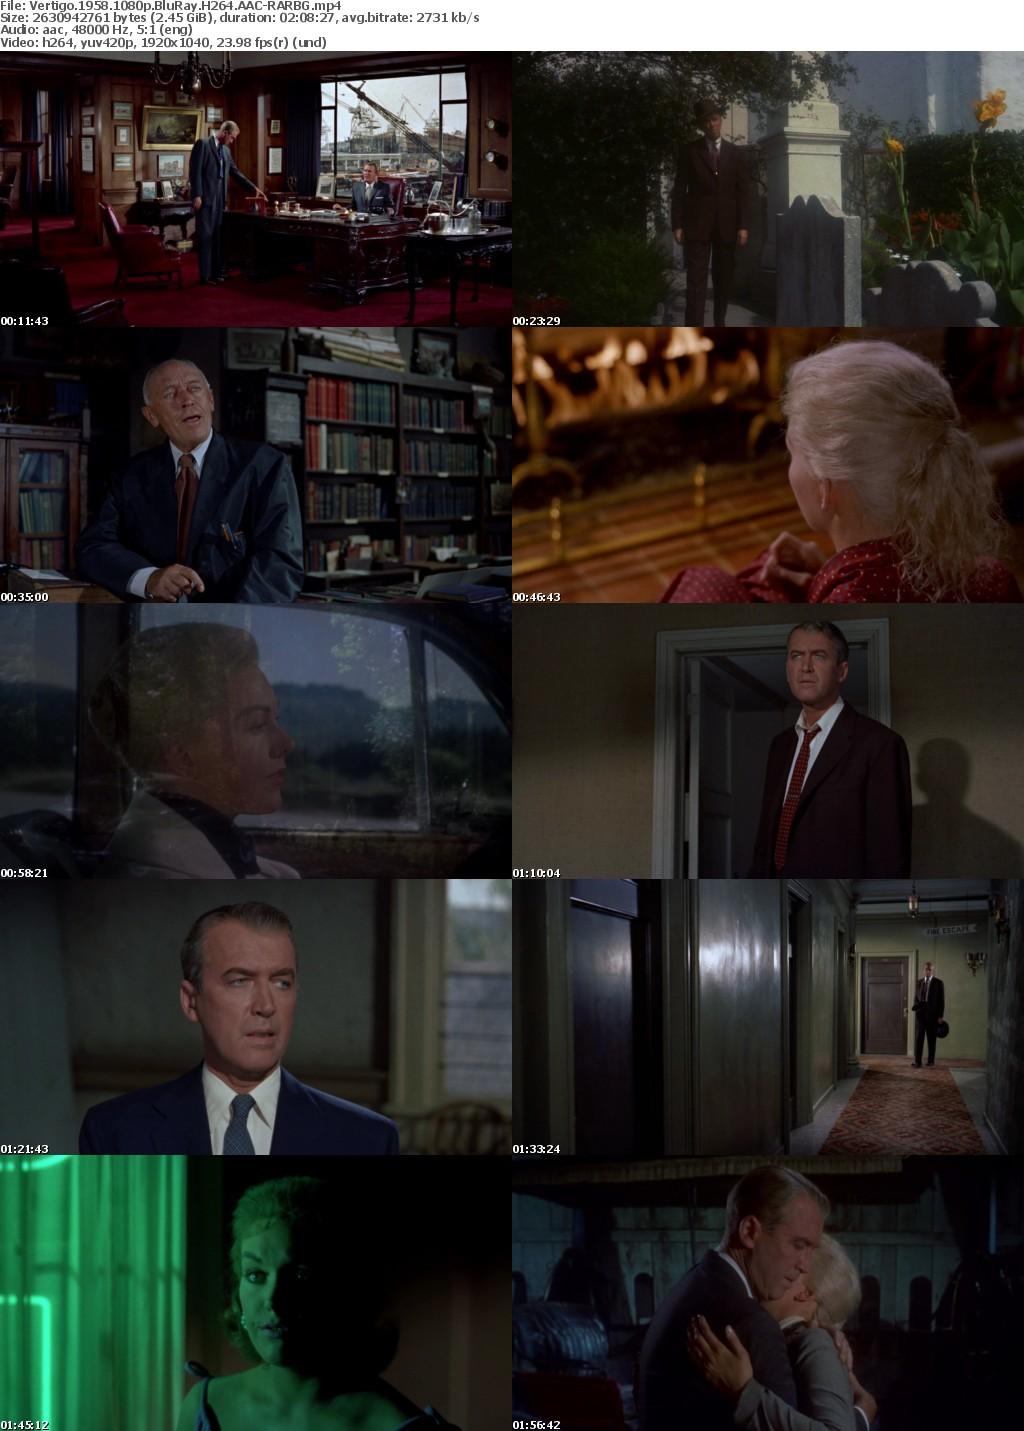 Vertigo (1958) 1080p BluRay H264 AAC-RARBG